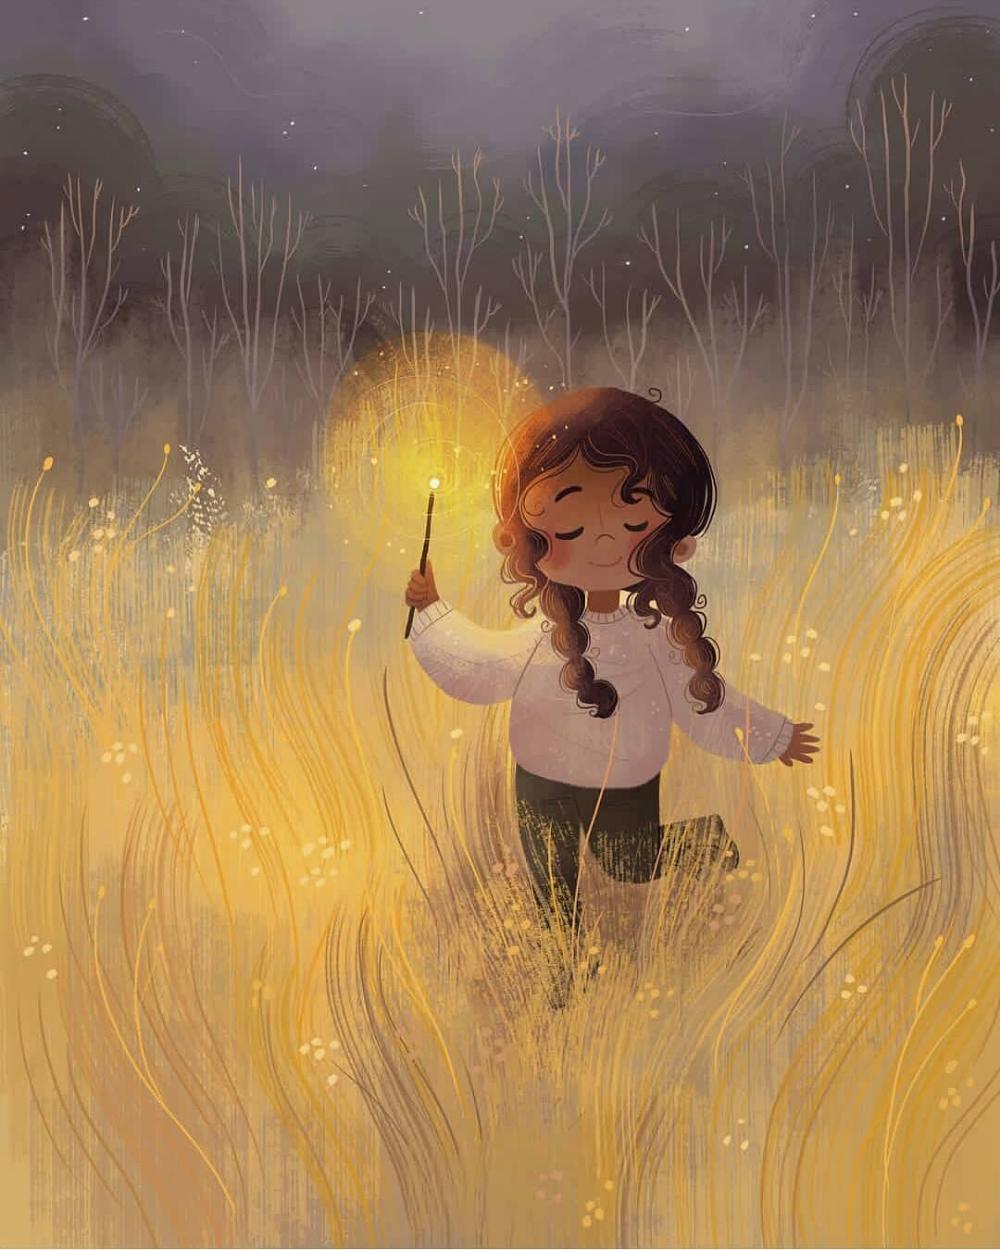 Pin By Carolina Del Carmen Lozano On Duaa In 2020 Cute Illustration Cute Art Cute Drawings